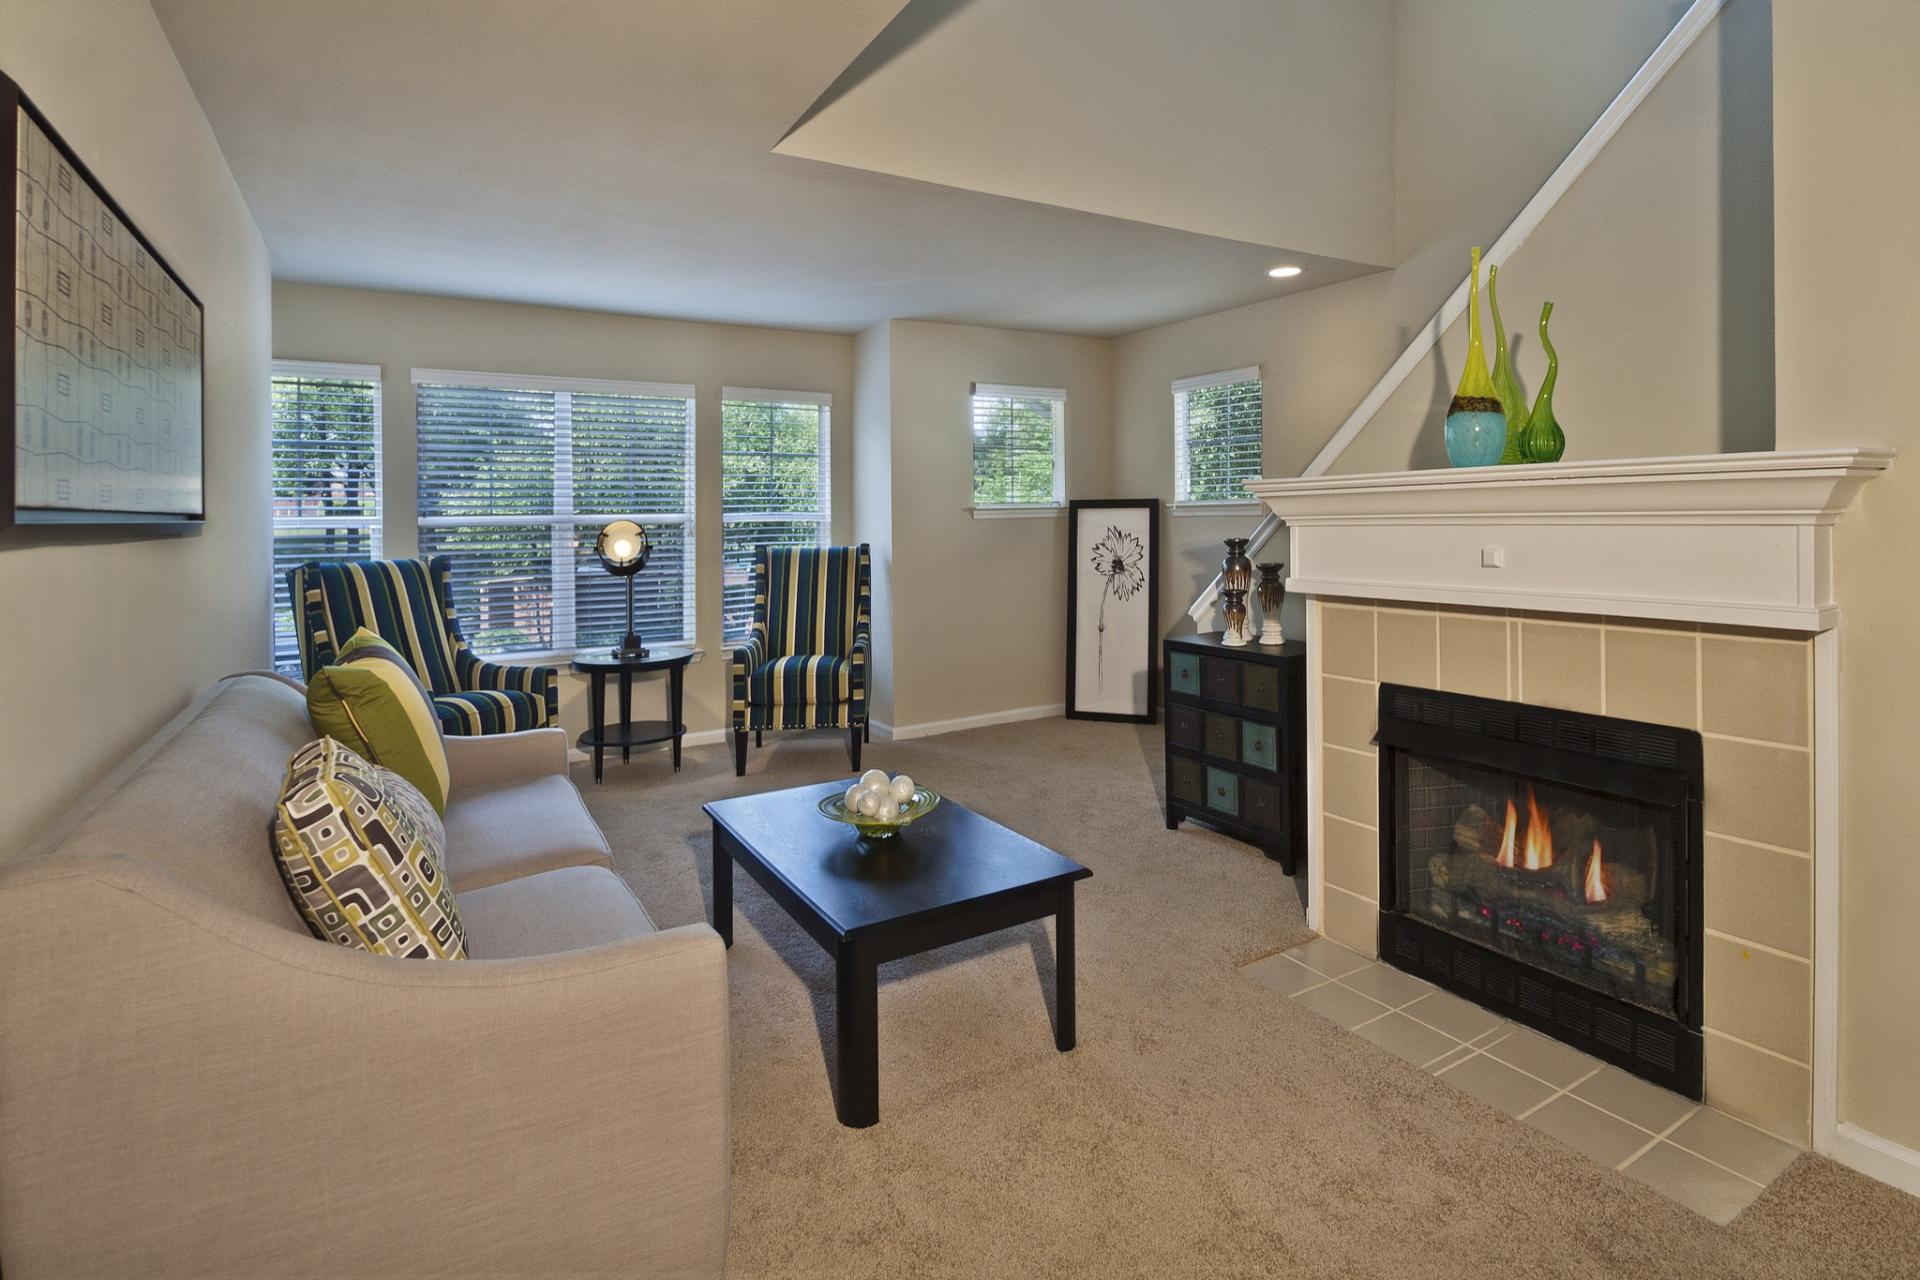 Camden Lake Pine Apartments image 2